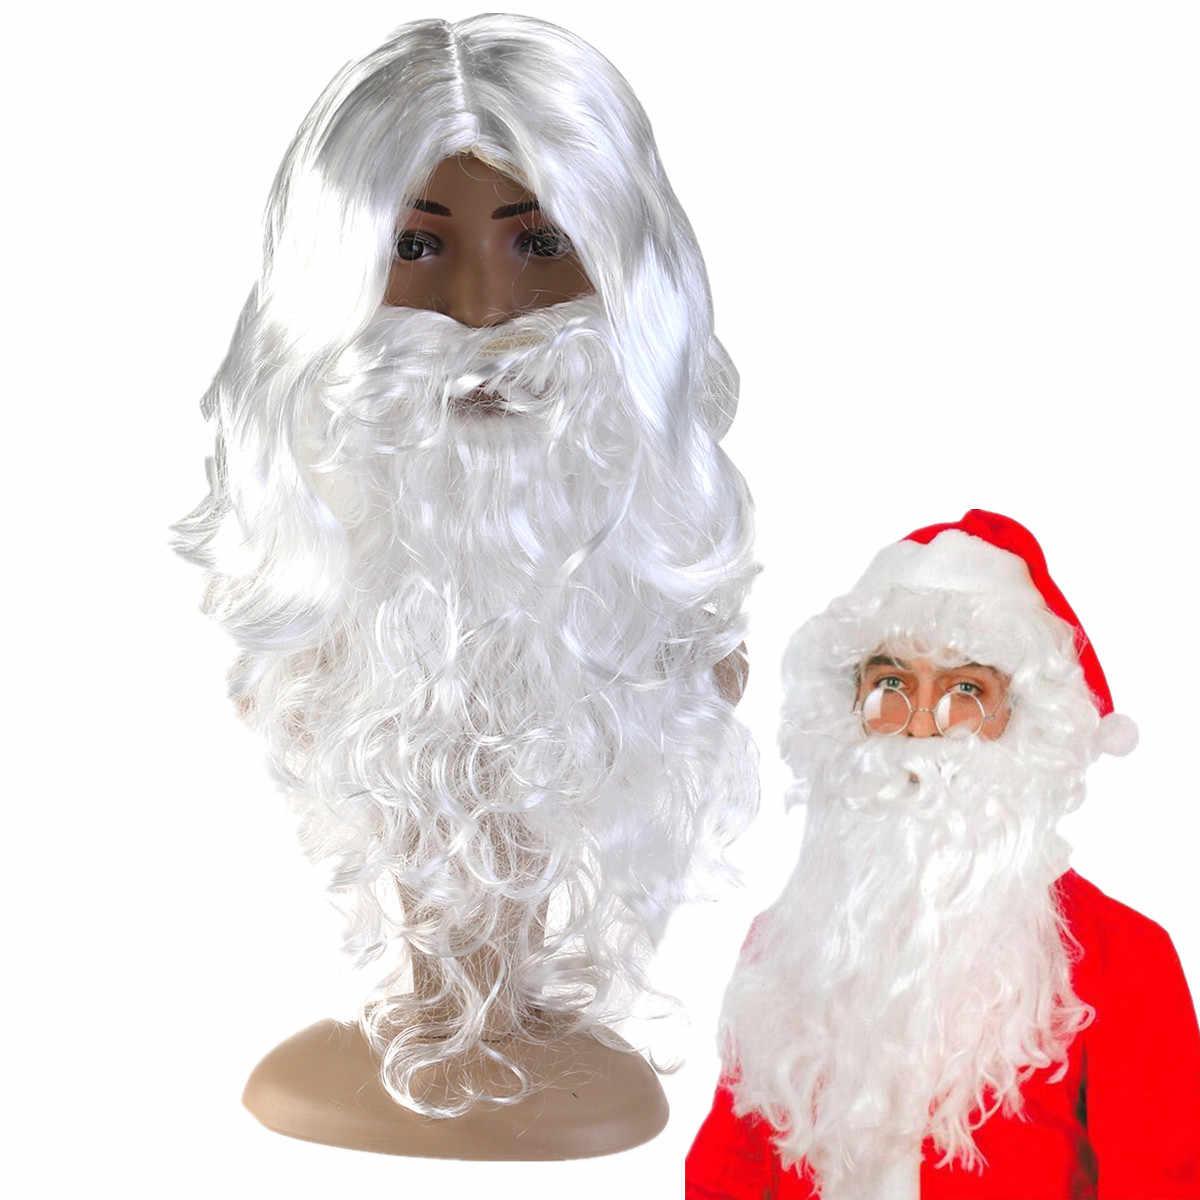 ใหม่ปี Deluxe สีขาว Santa เครื่องแต่งกายชุดแฟนซี Wizard วิกผมและเคราชุดคริสต์มาสฮาโลวีน